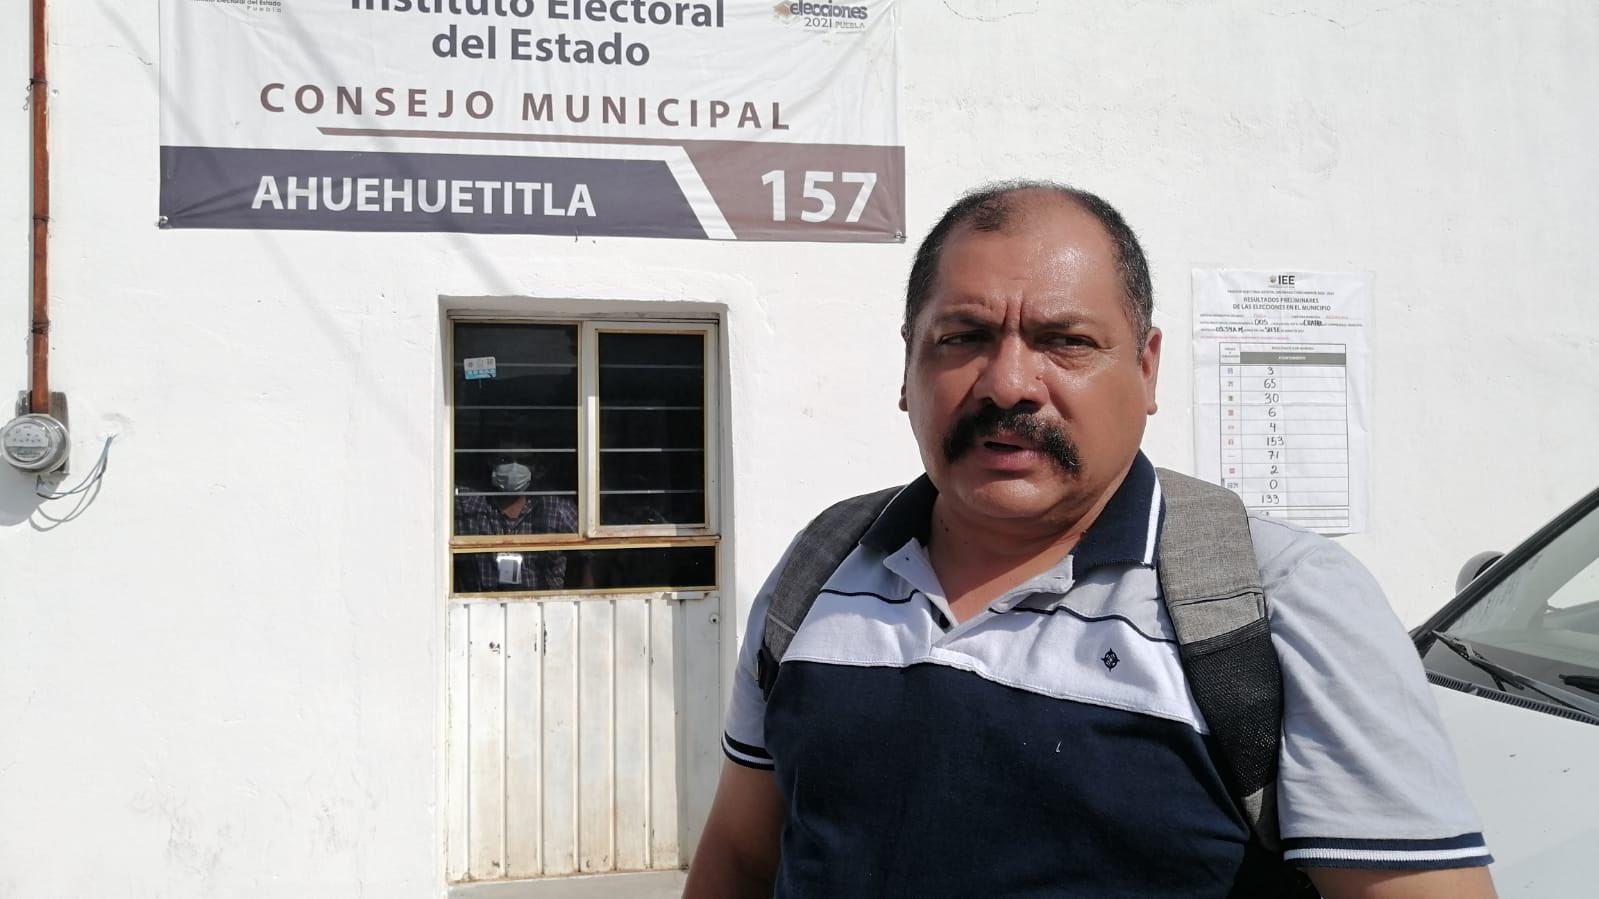 Adán Calixto, quien habría ganado las elecciones en Ahuehuetitla bajo la figura de candidatura no registrada